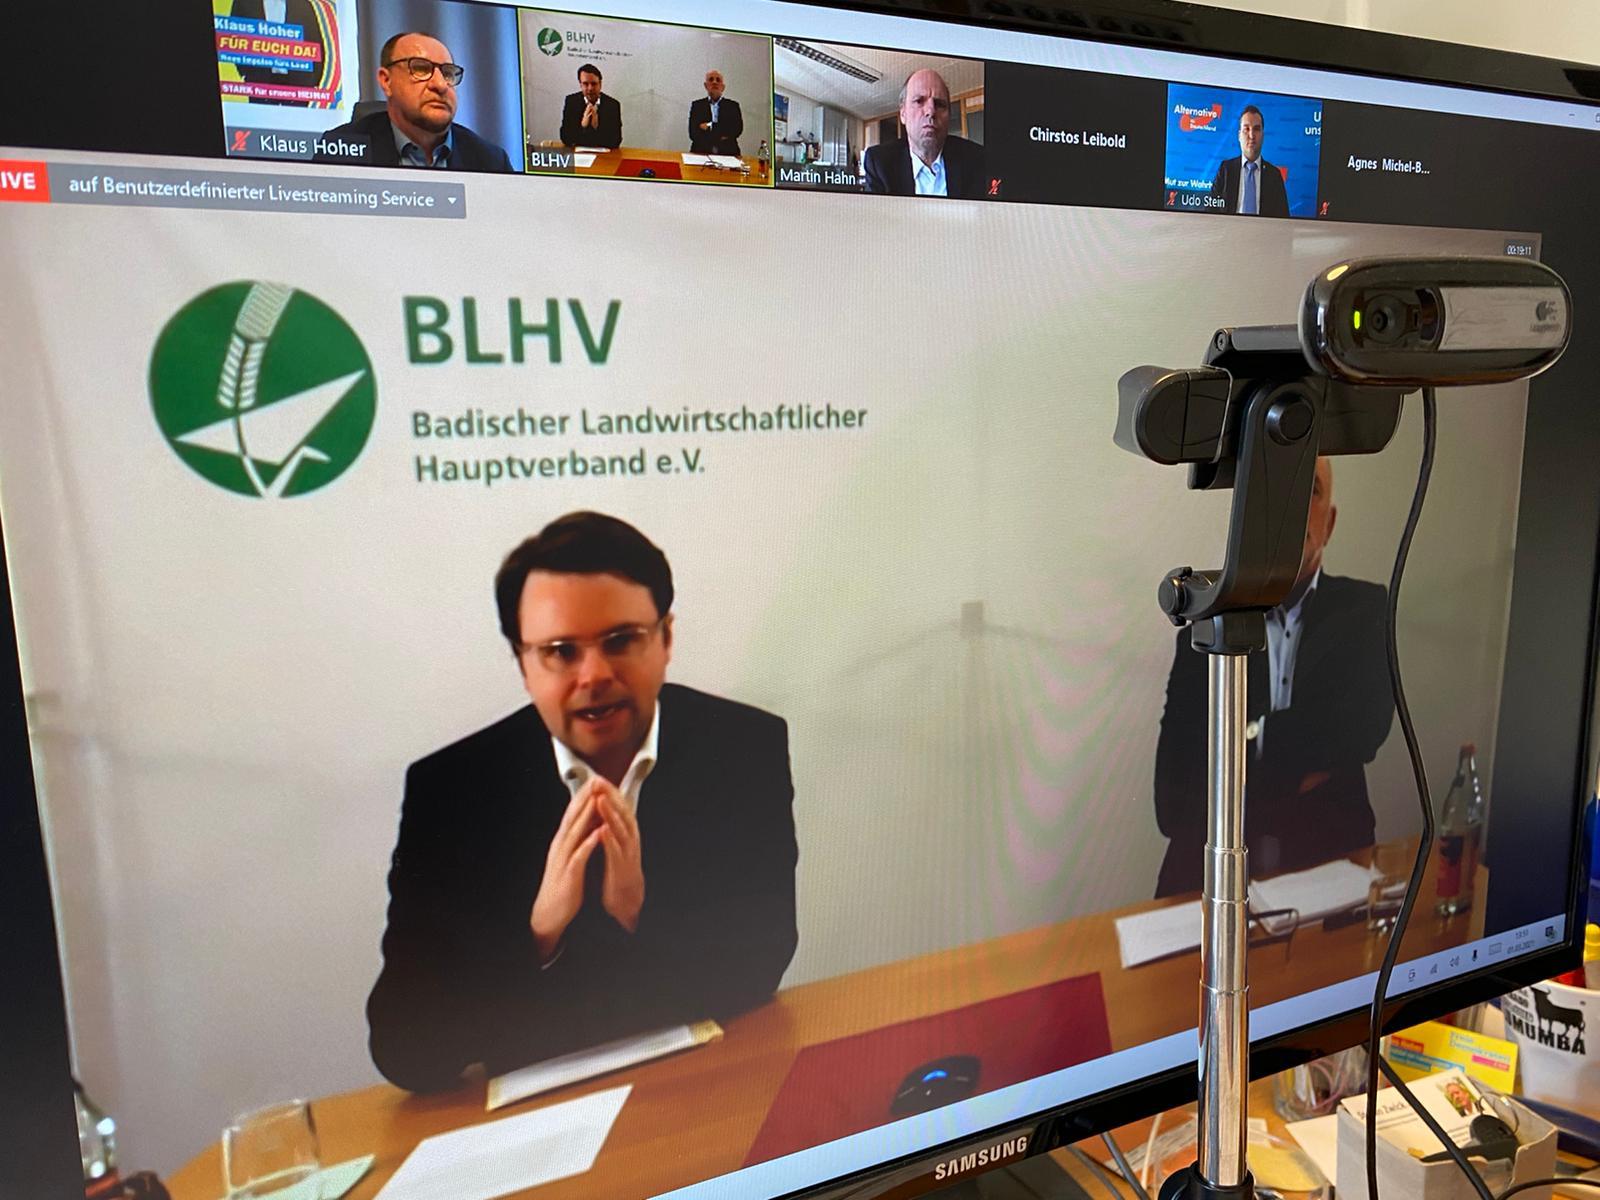 Onlinediskussion des BLHV